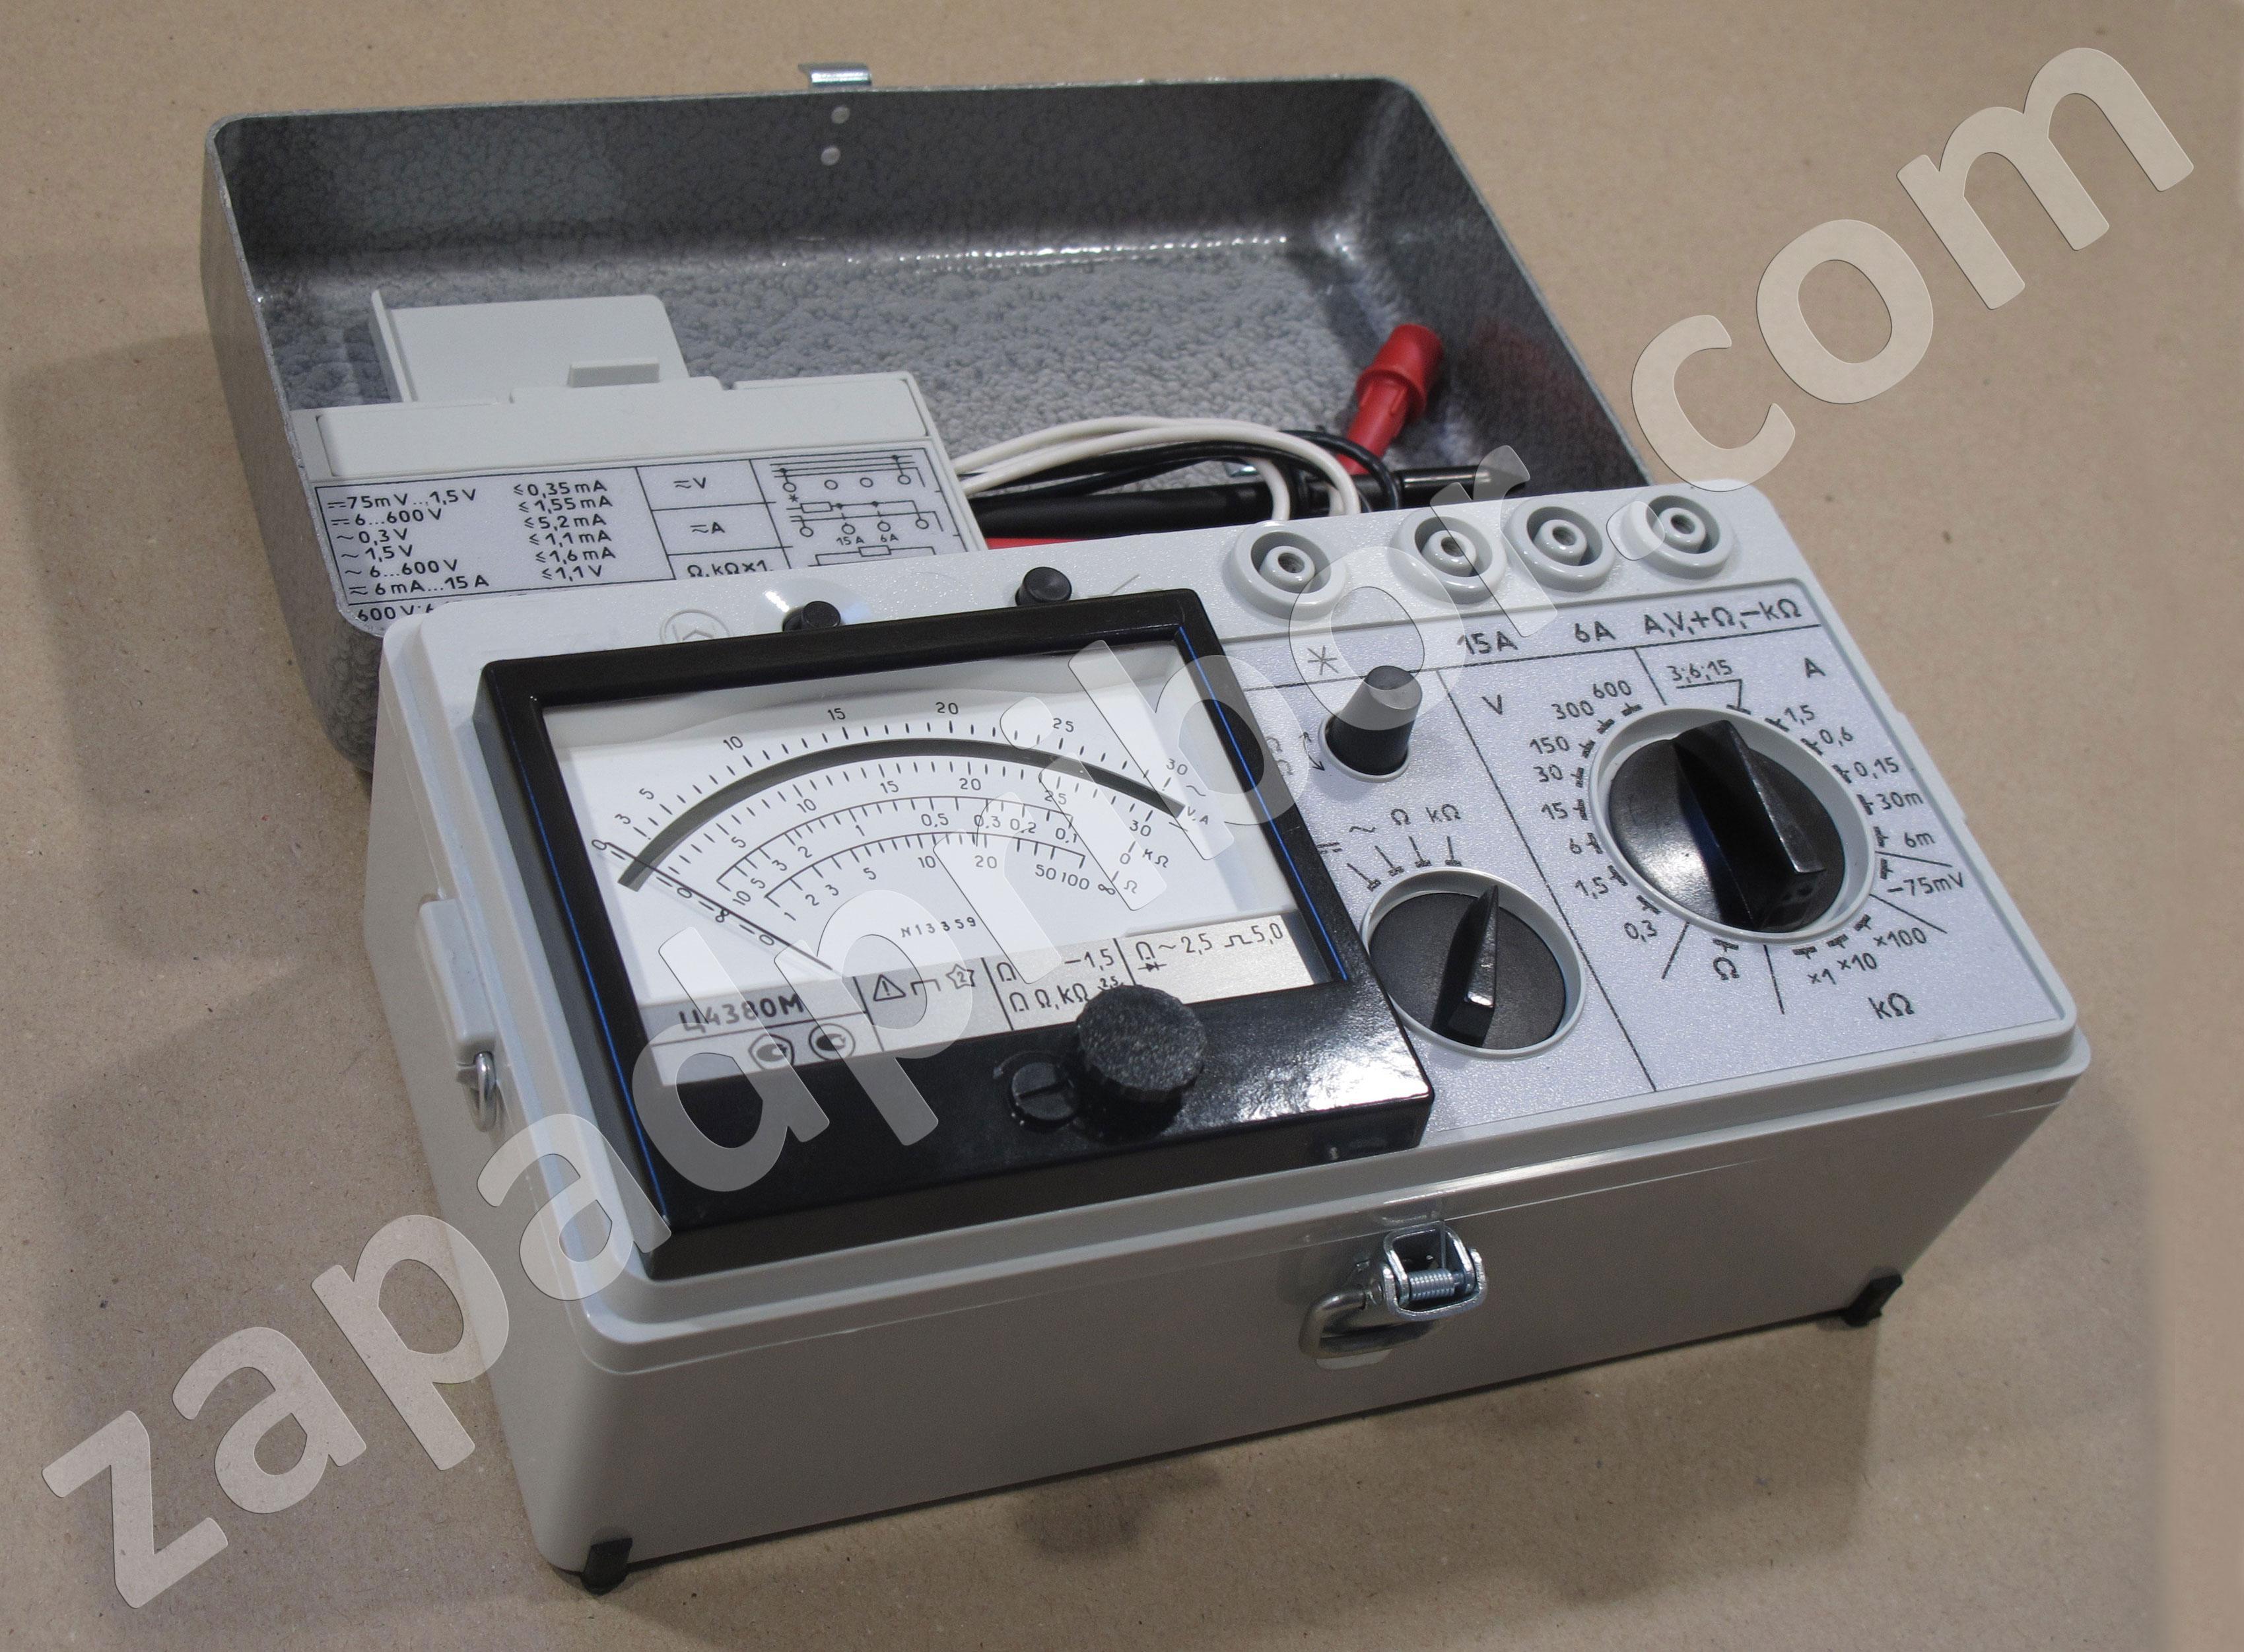 мультиметр эк4302 схема и инструкция